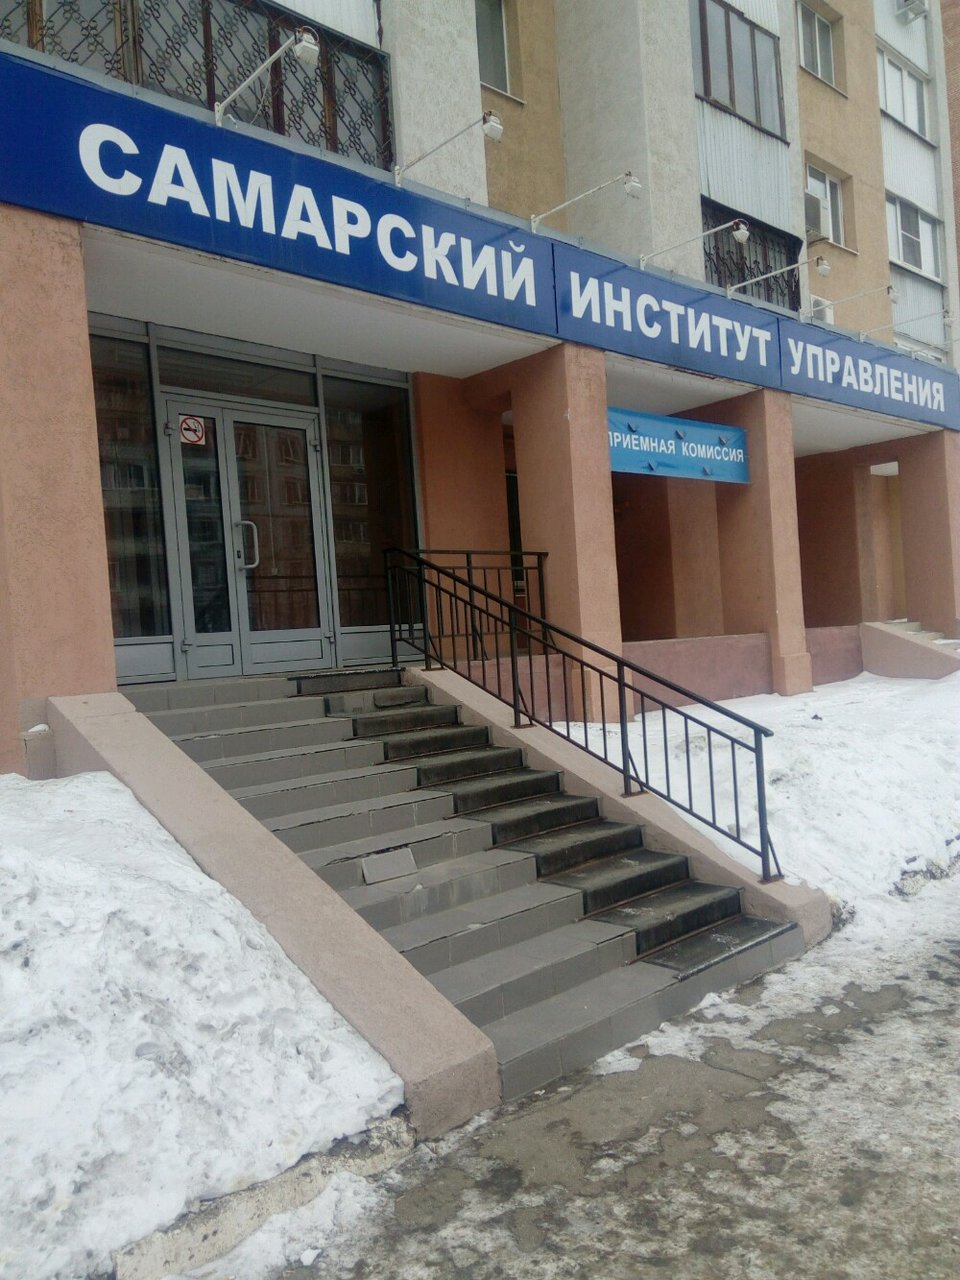 самарский институт бизнеса и управления фото горшочке